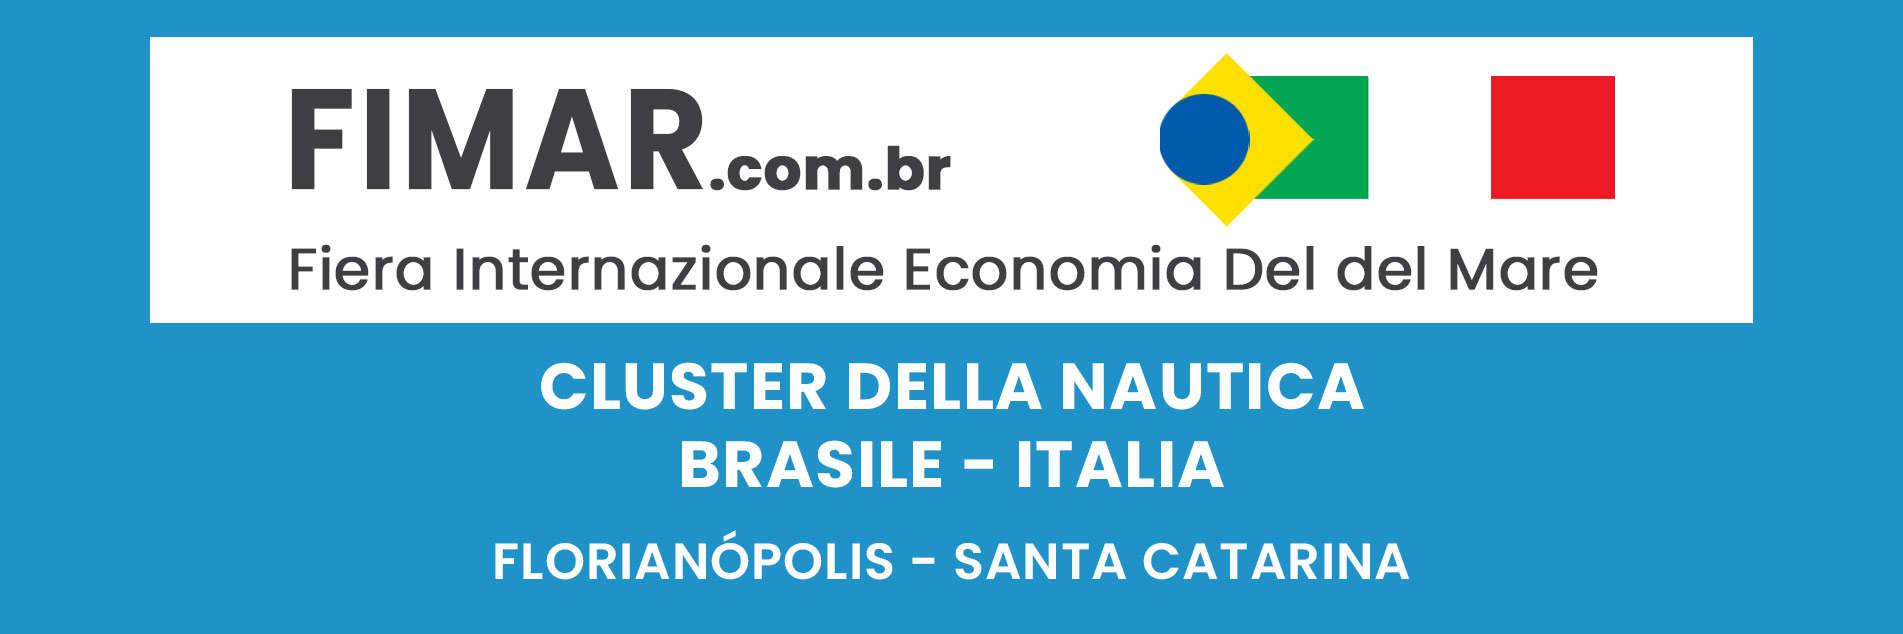 Internet & Idee parteciperà alla Terza Edizione della FIMAR, la fiera della nautica italiana in Brasile